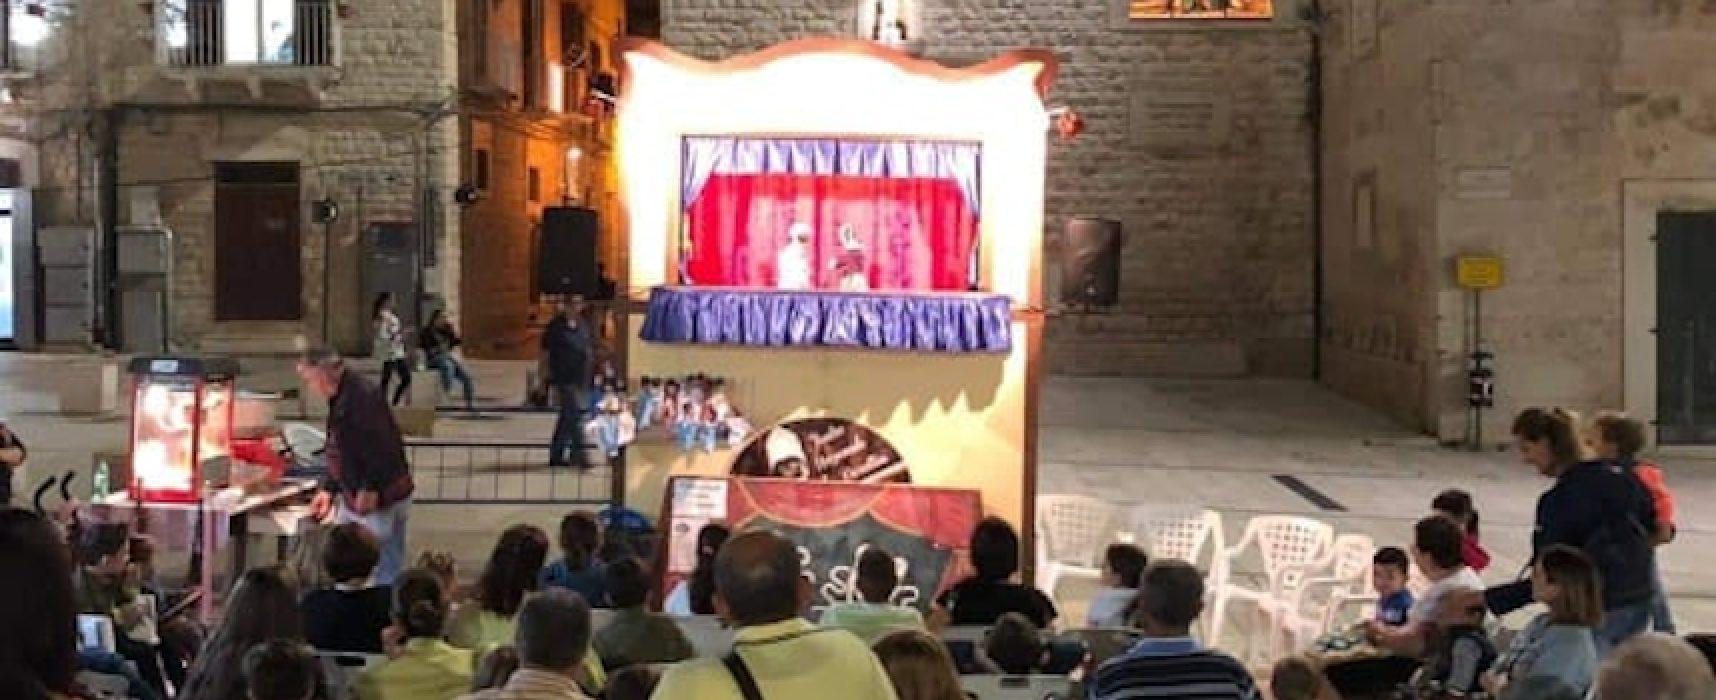 Furto e danni al teatro dei burattini di Alessio Sasso, stasera la consegna dei fondi raccolti